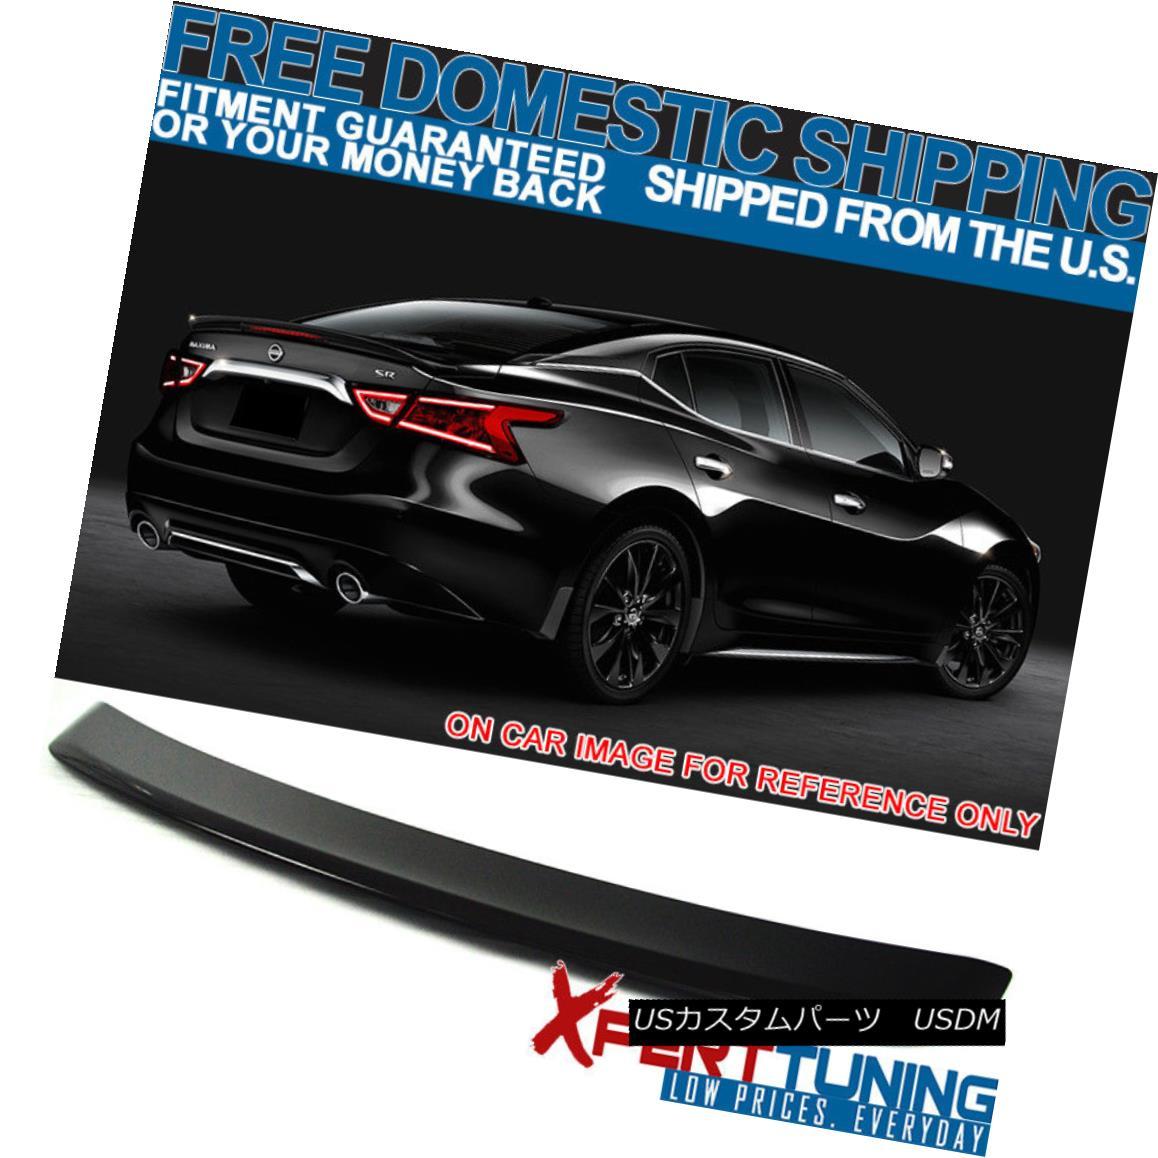 エアロパーツ Fits 16-18 Maxima OE2 Style Trunk Spoiler ABS Painted Bordeaux Black GAB フィット16-18マキシマOE2スタイルトランクスポイラーABS塗装ボルドーブラックGAB